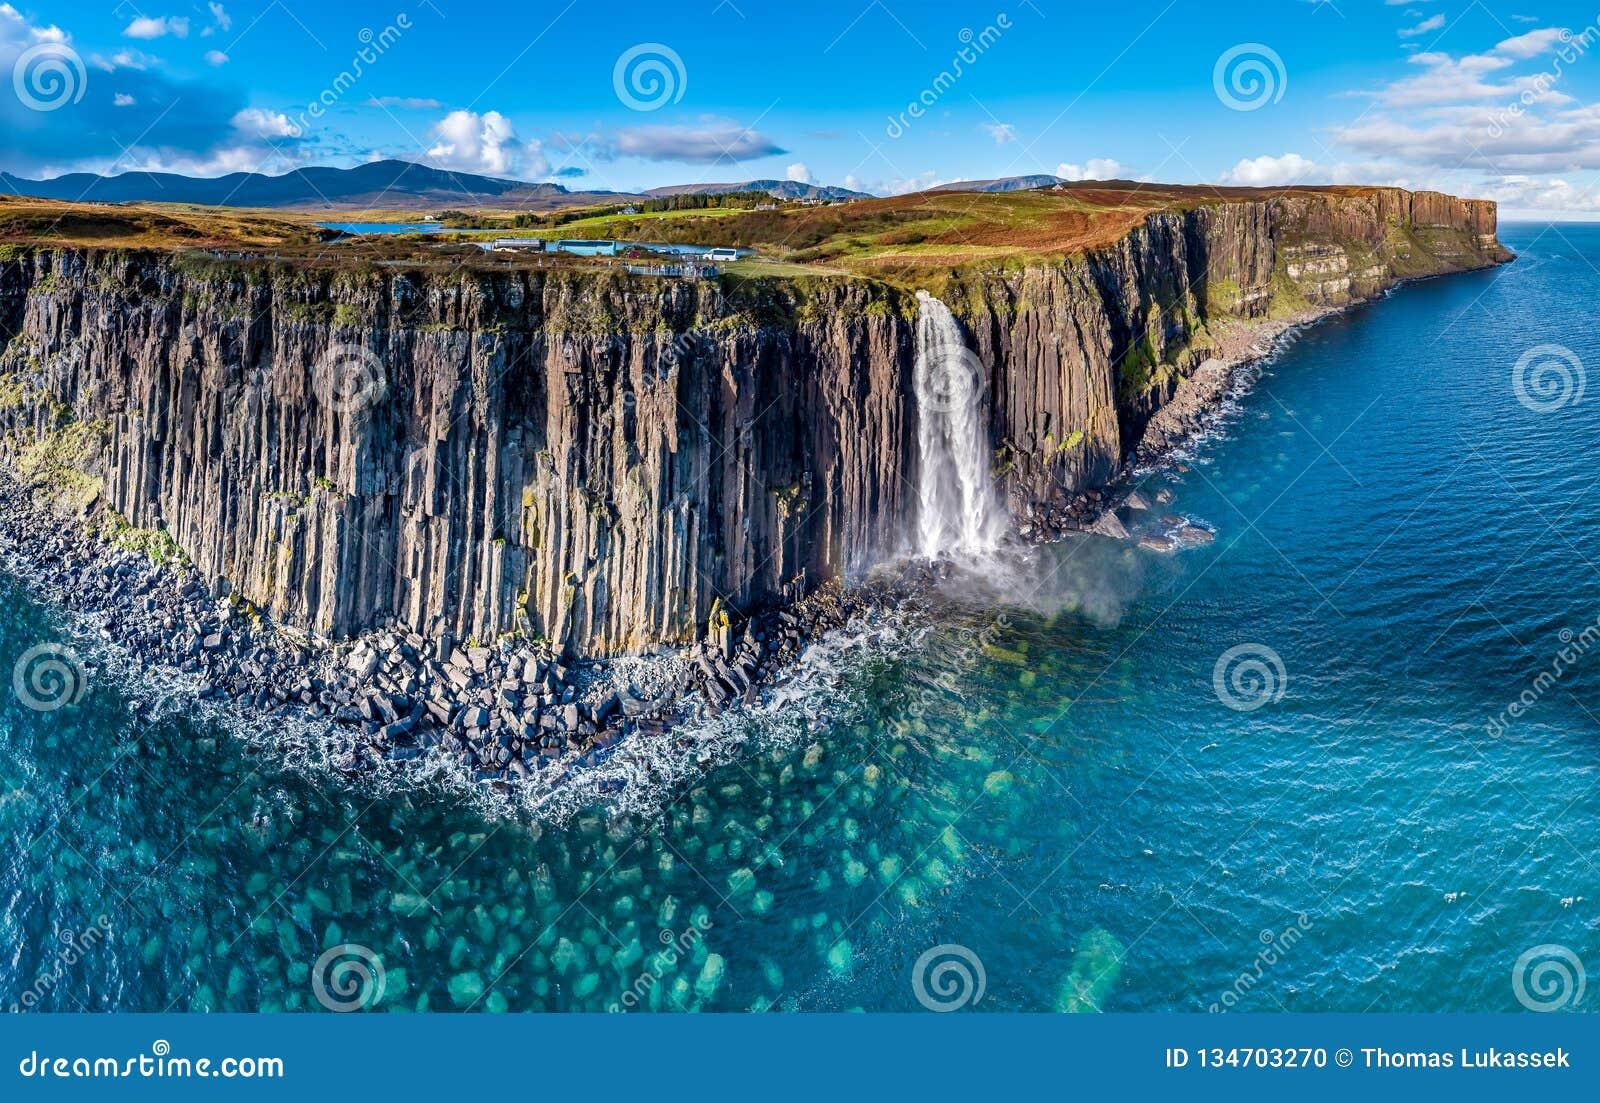 Satellietbeeld van de dramatische kustlijn bij de klippen door Staffin met de beroemde waterval van de Kiltrots - Eiland van Skye